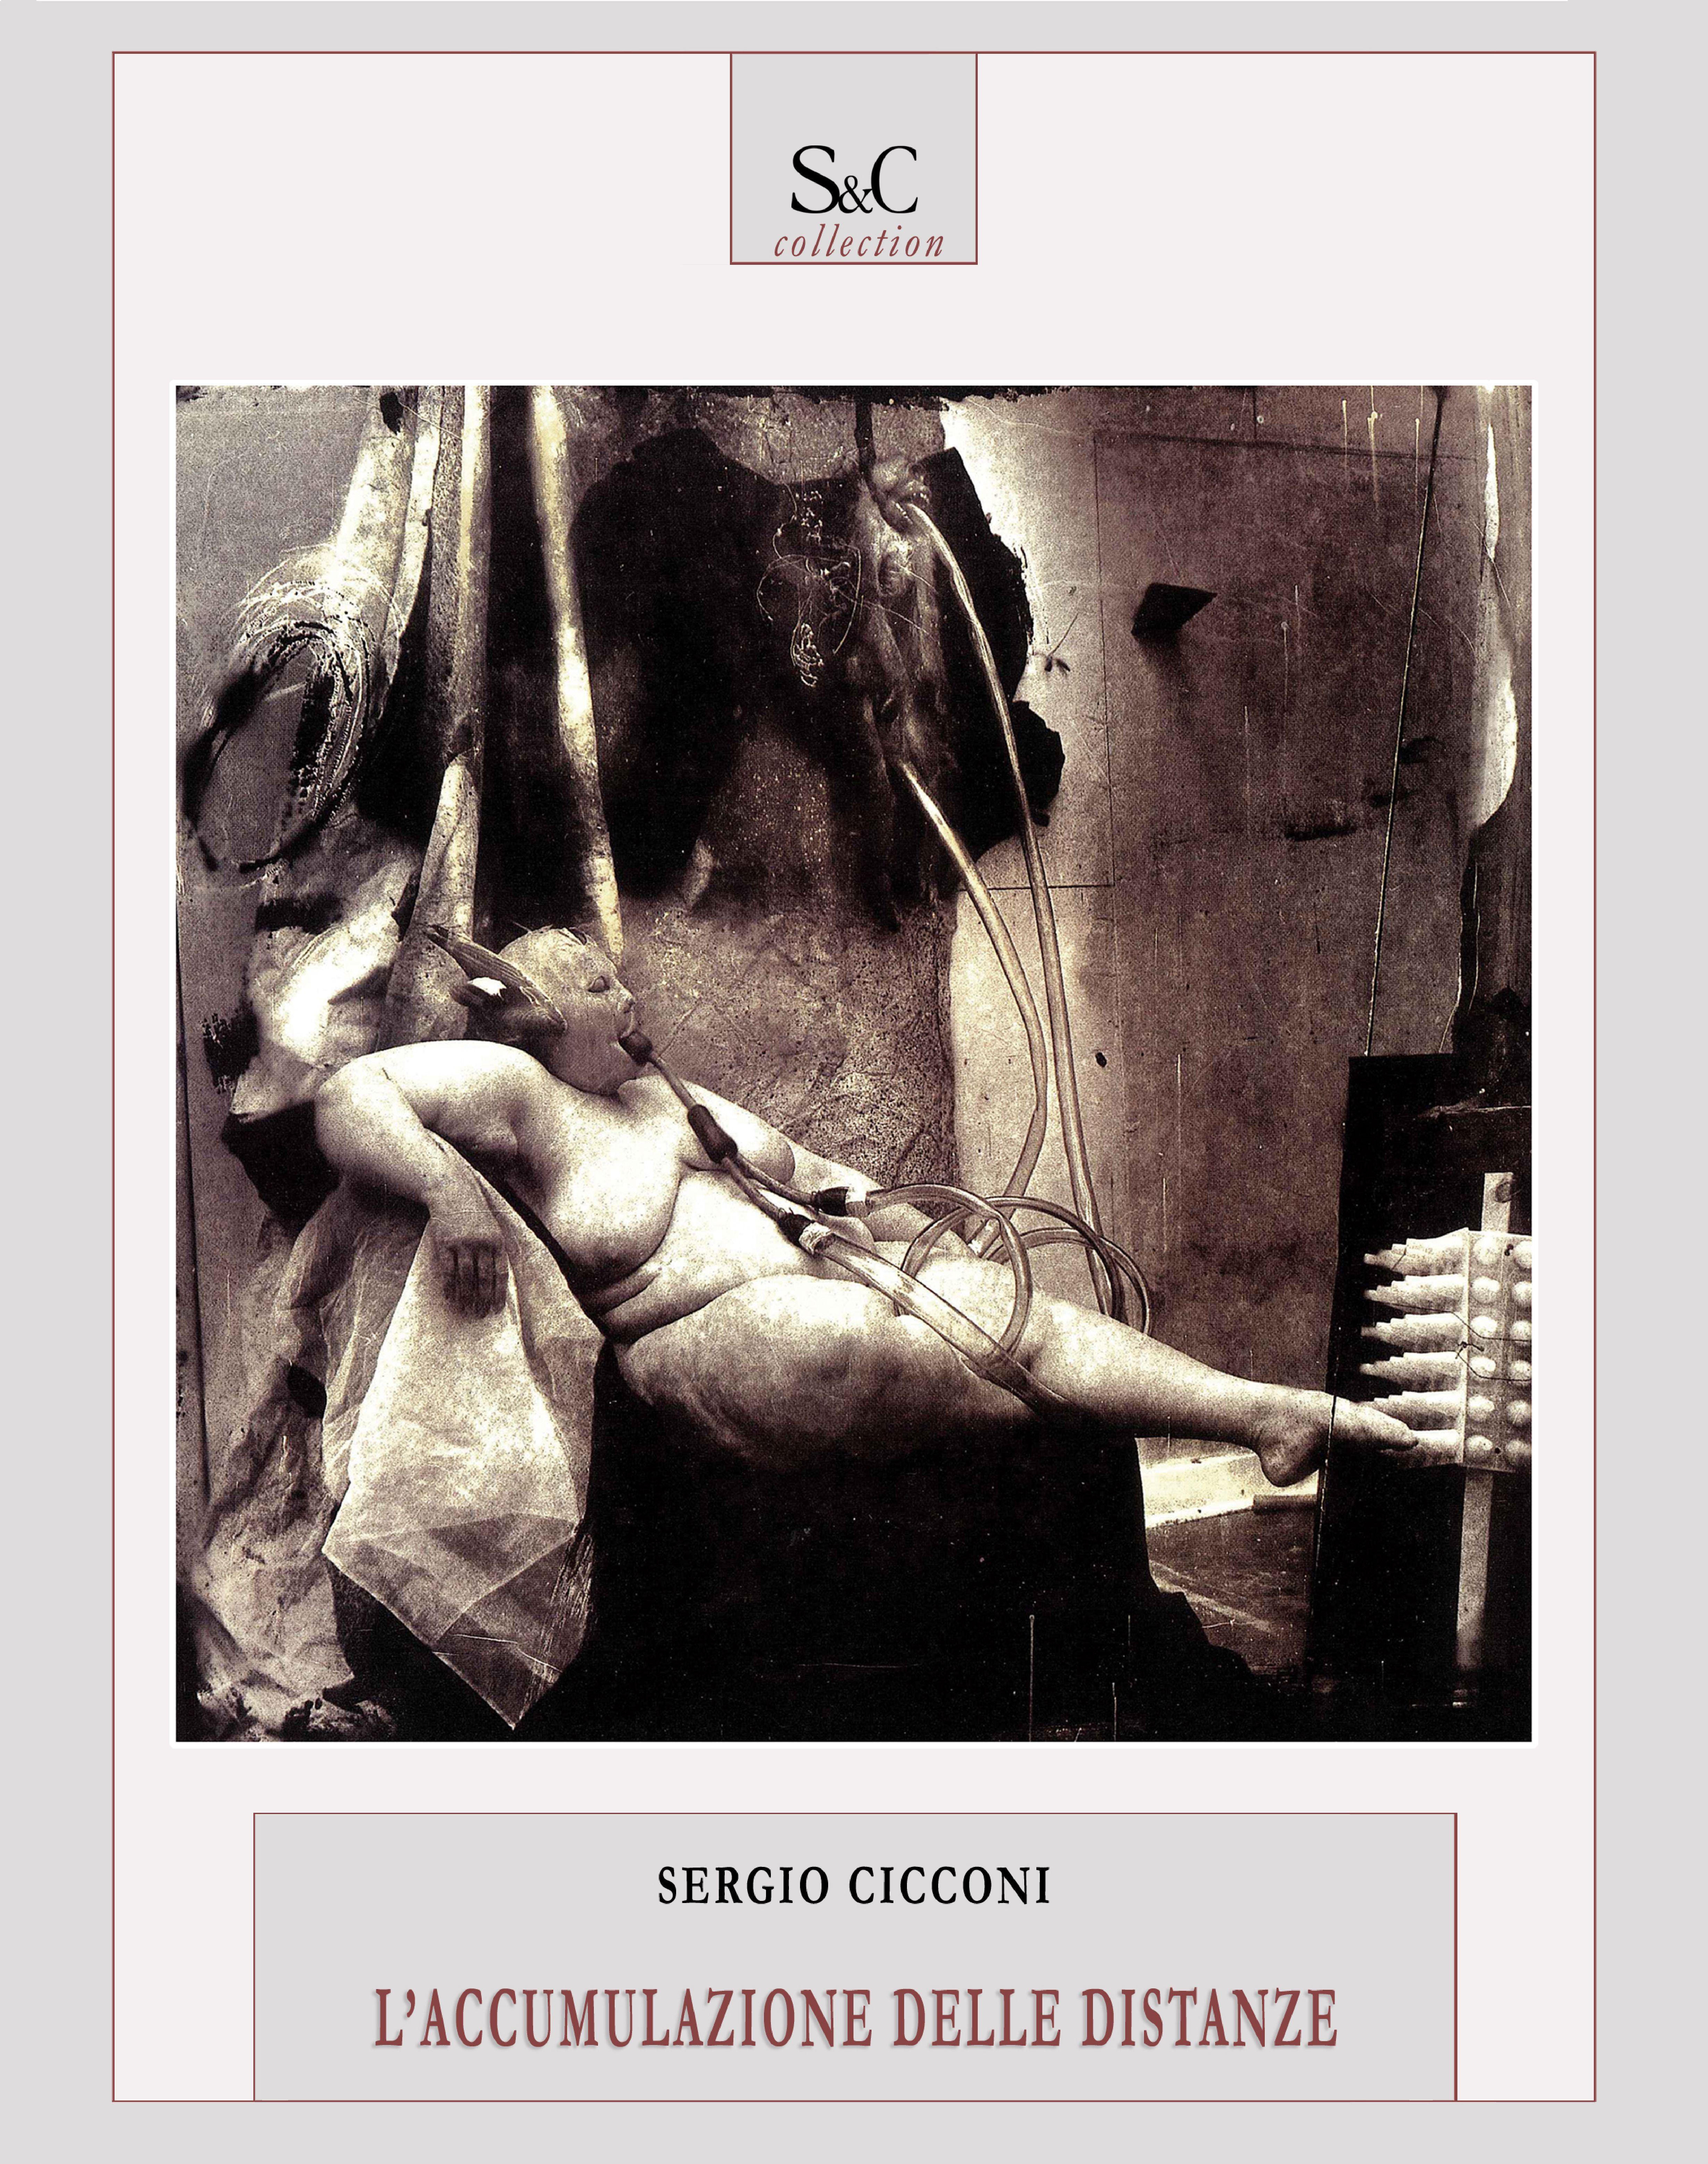 Accumulazione delle distanze by Sergio Cicconi - issuu cdc6db0be63a